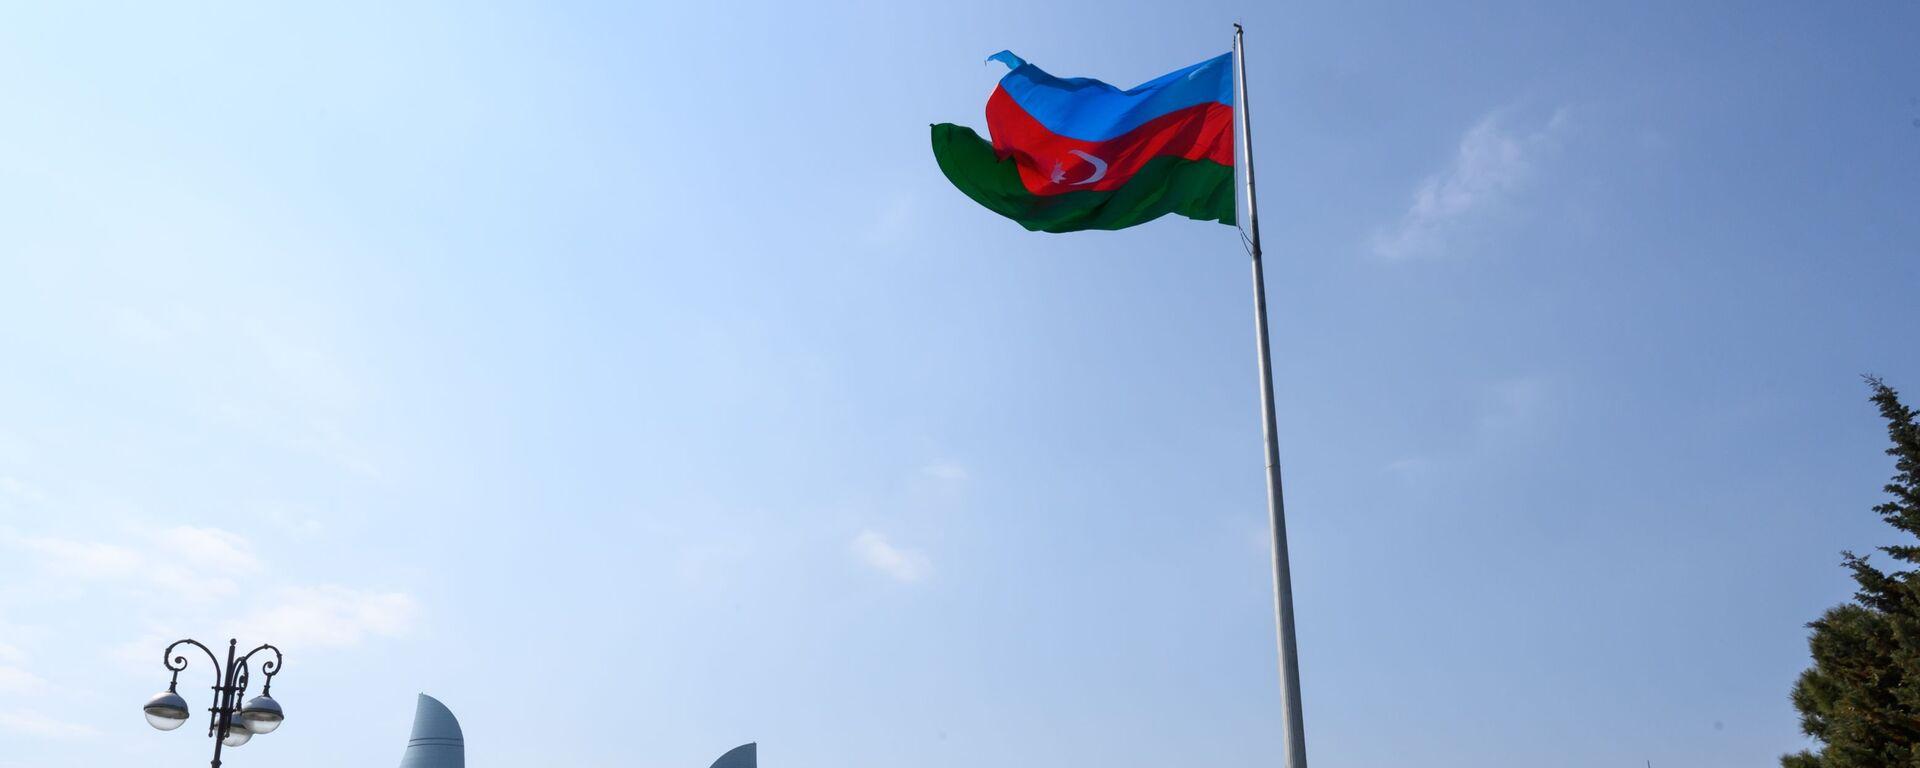 Флаг Азербайджана, фото из архива - Sputnik Азербайджан, 1920, 19.04.2021